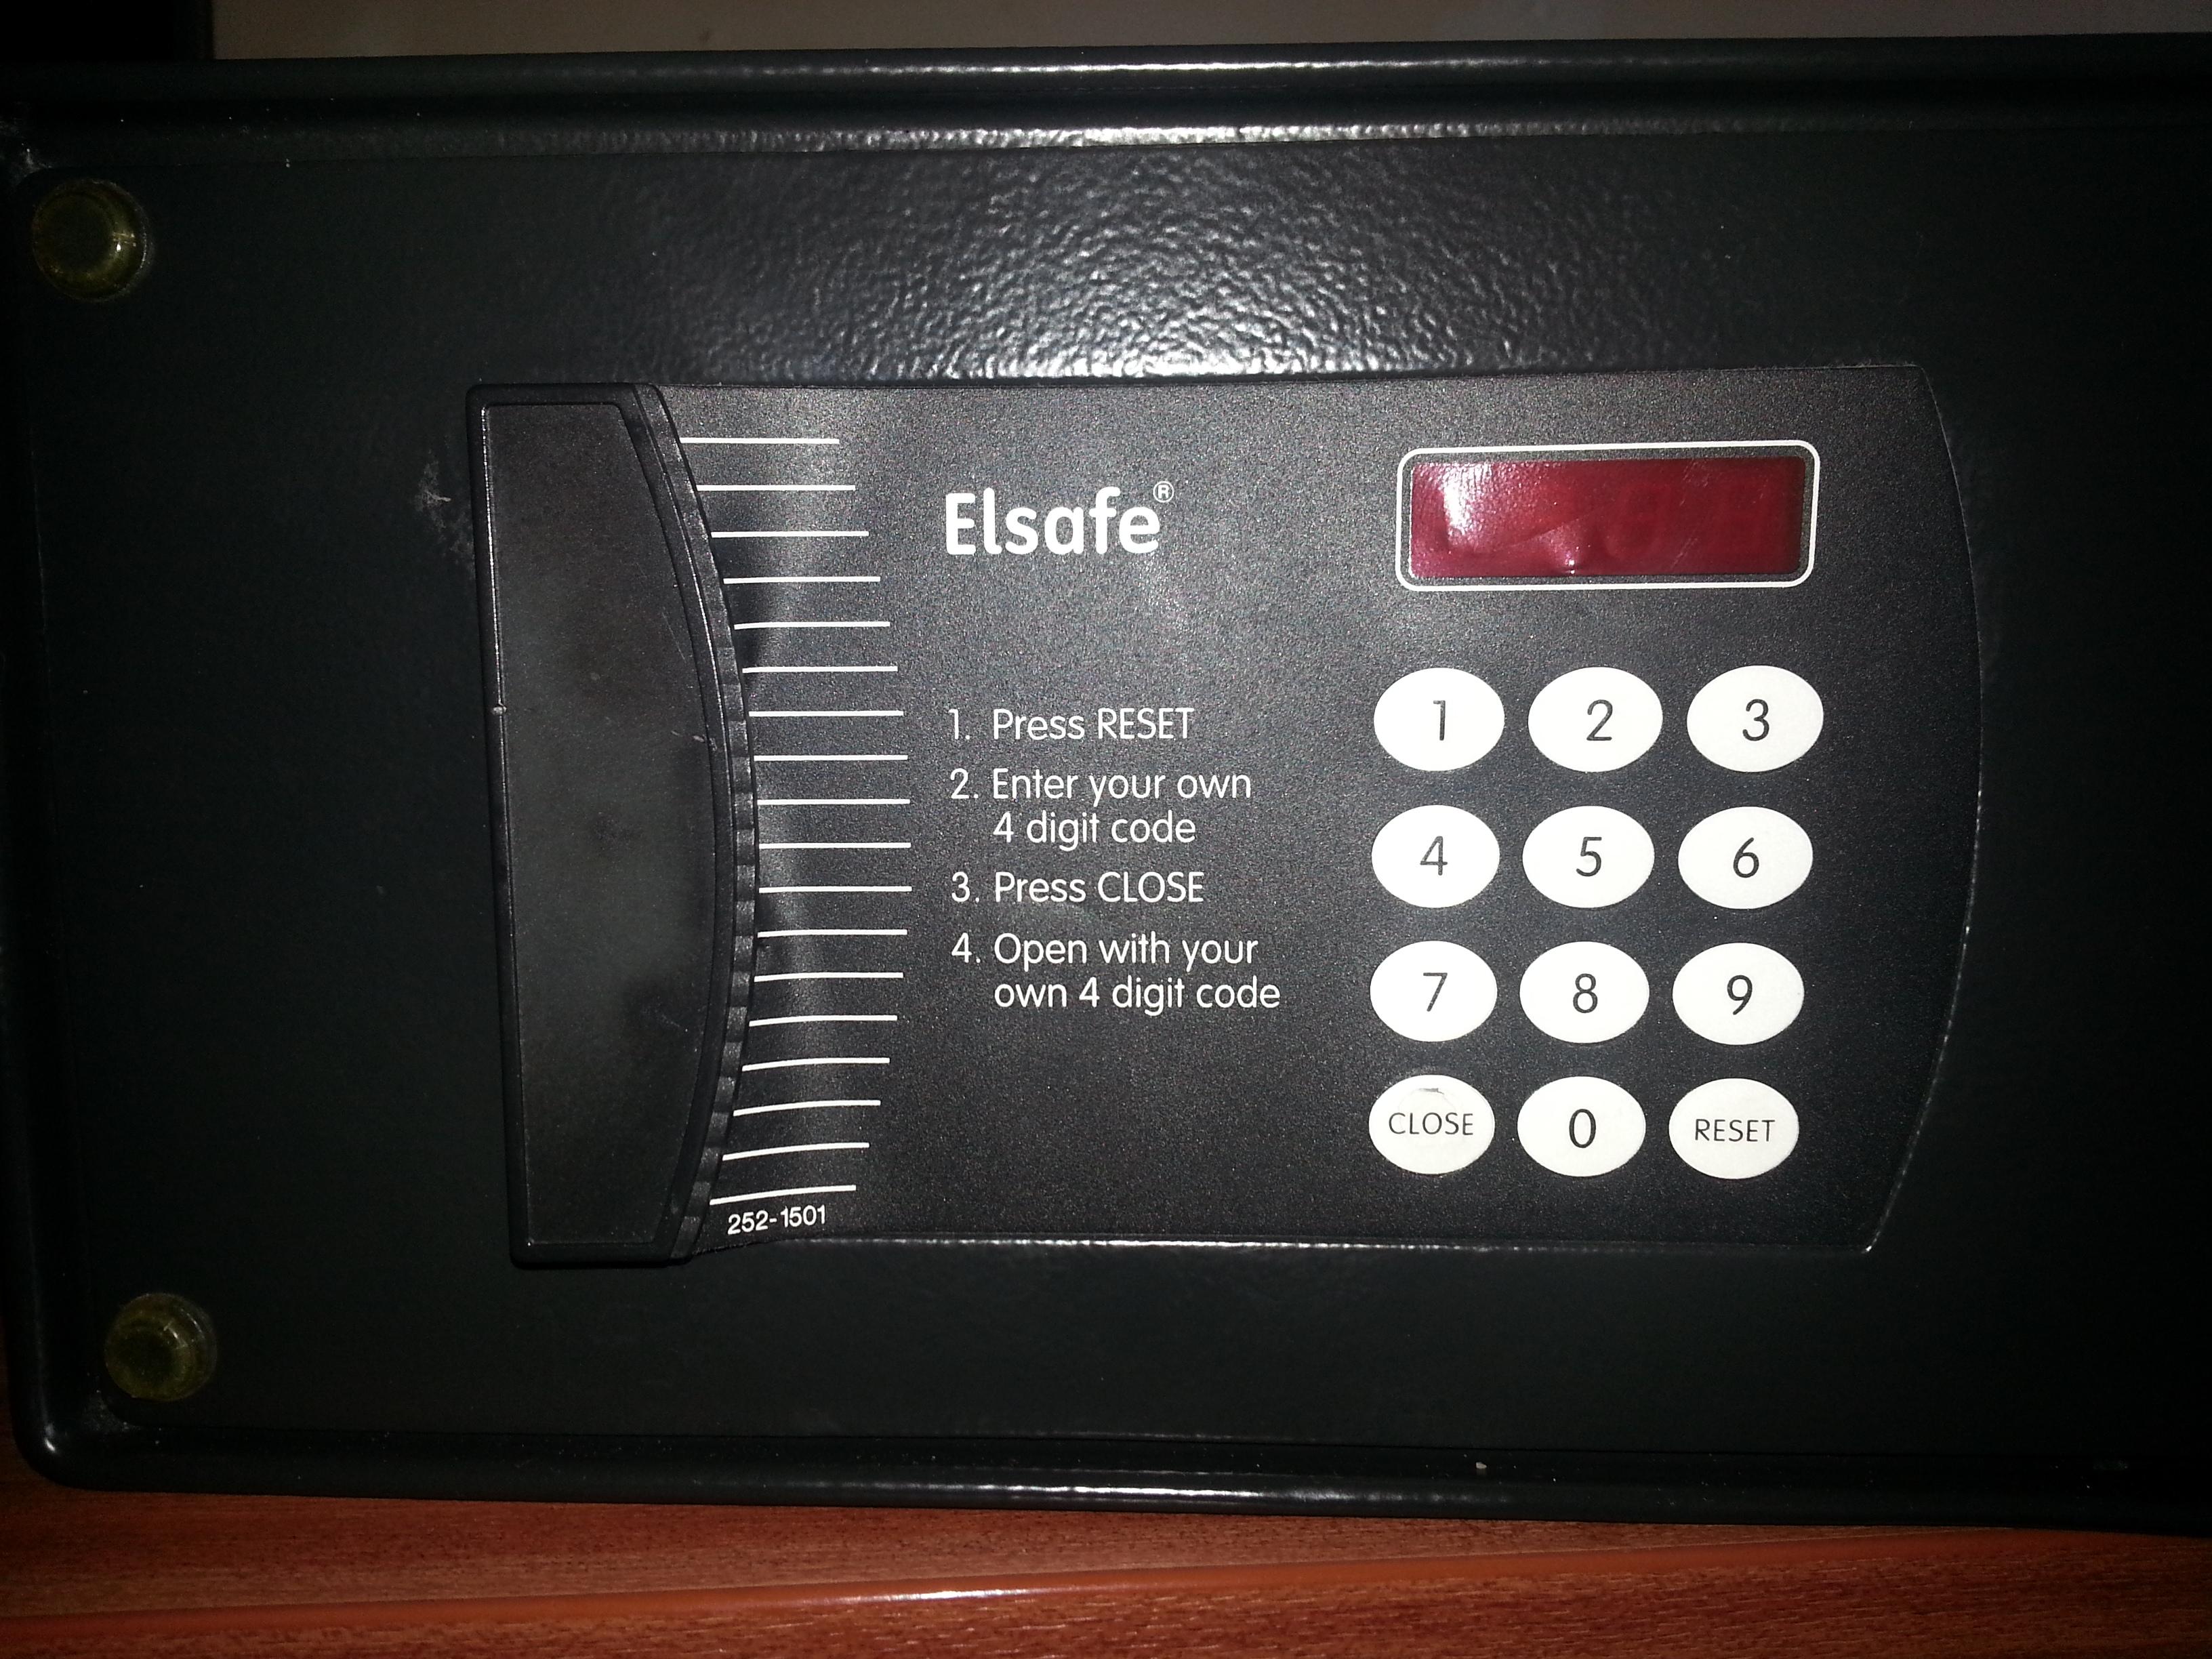 Elsafe Hotel Safe Opening - Paladin Safe Services